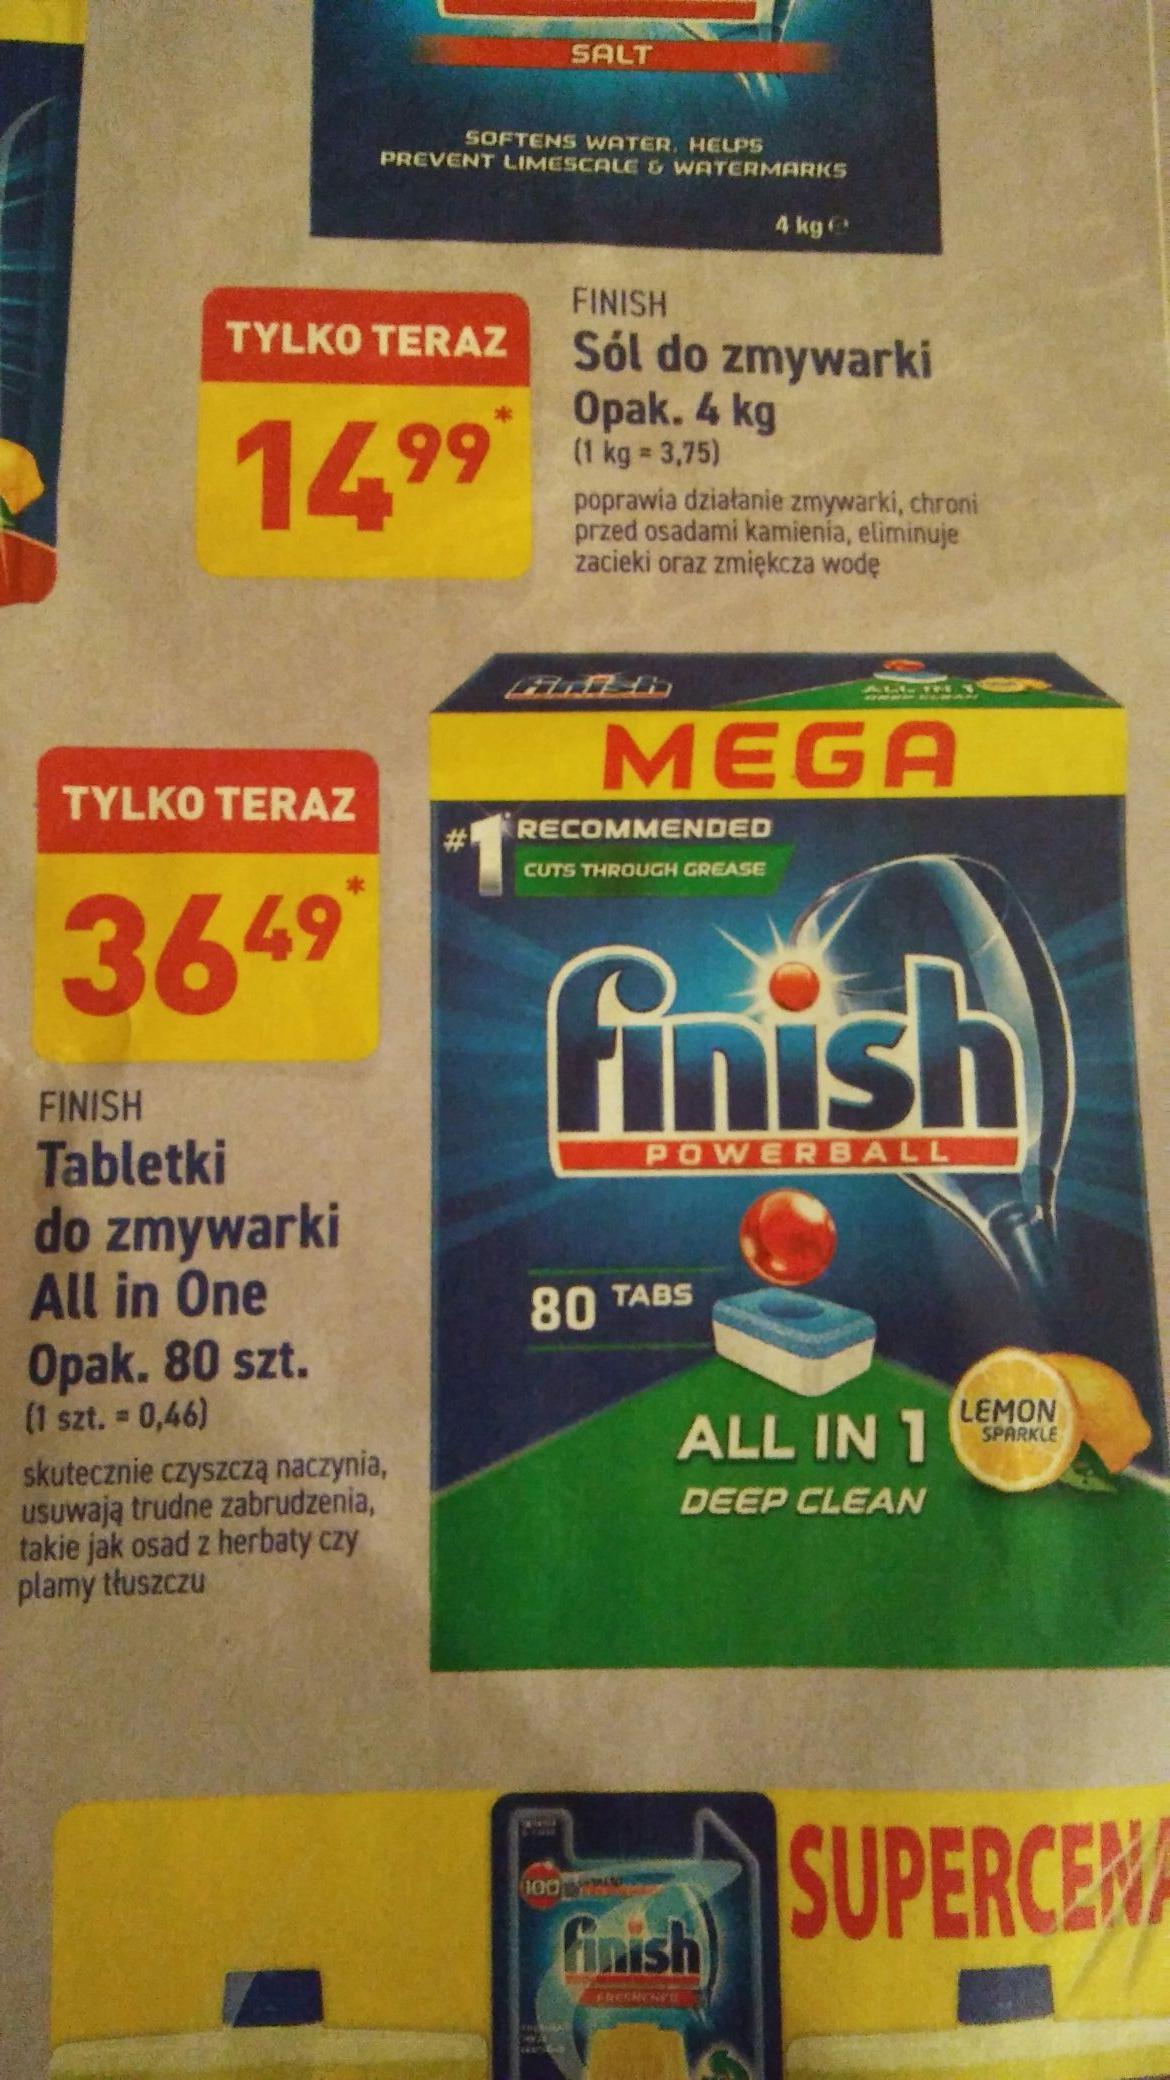 Tabletki do zmywarki Finish All In One 80 sztuk / 0,46 sztuka